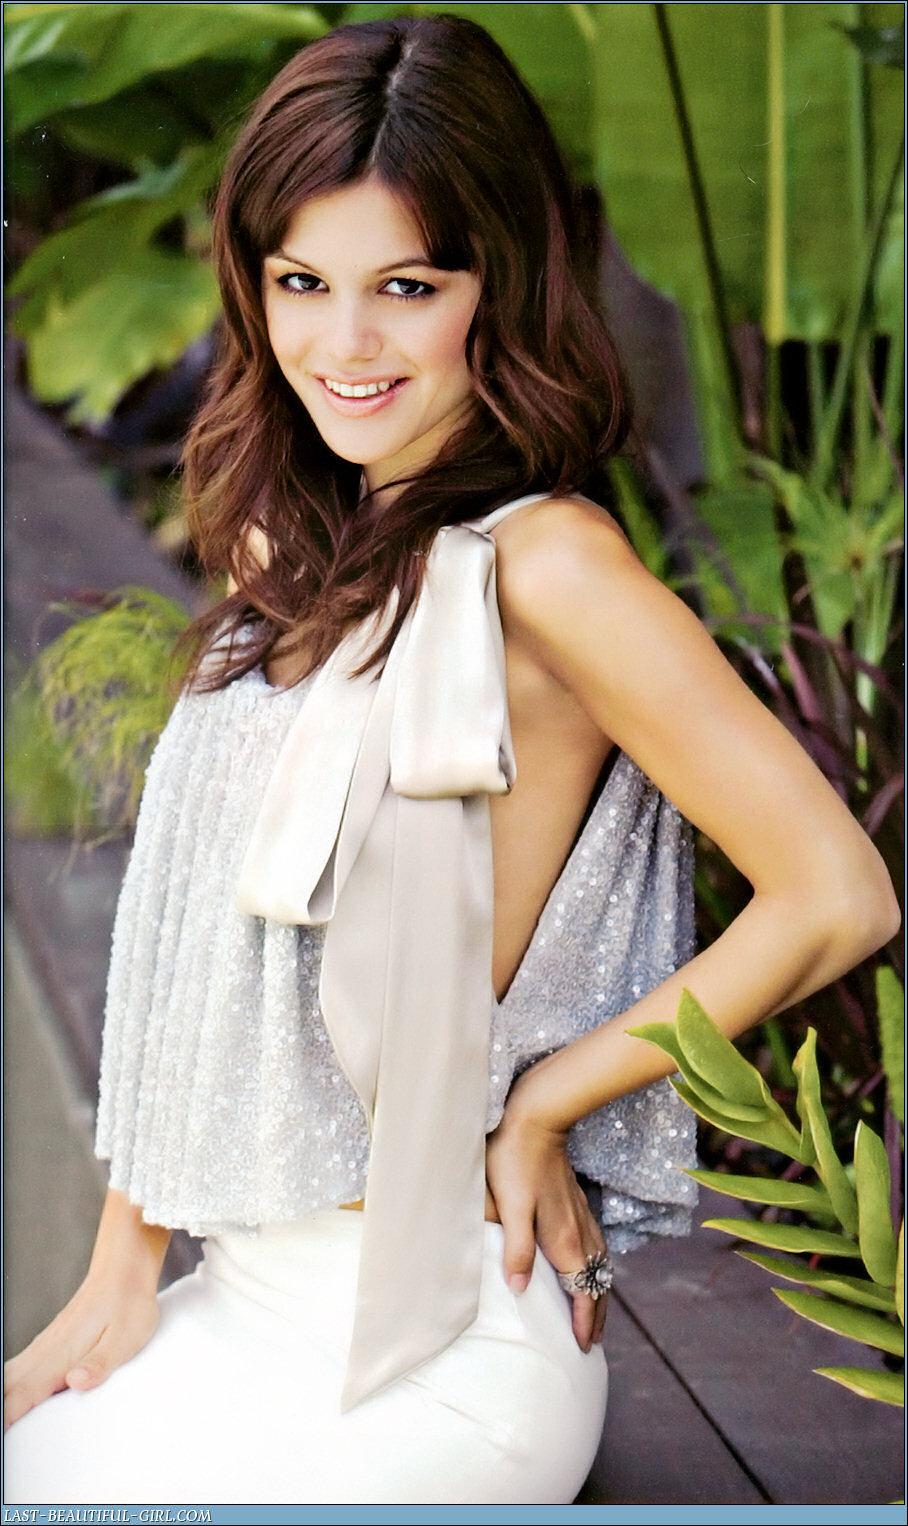 Digitalminx.com - Actresses - Rachel Bilson